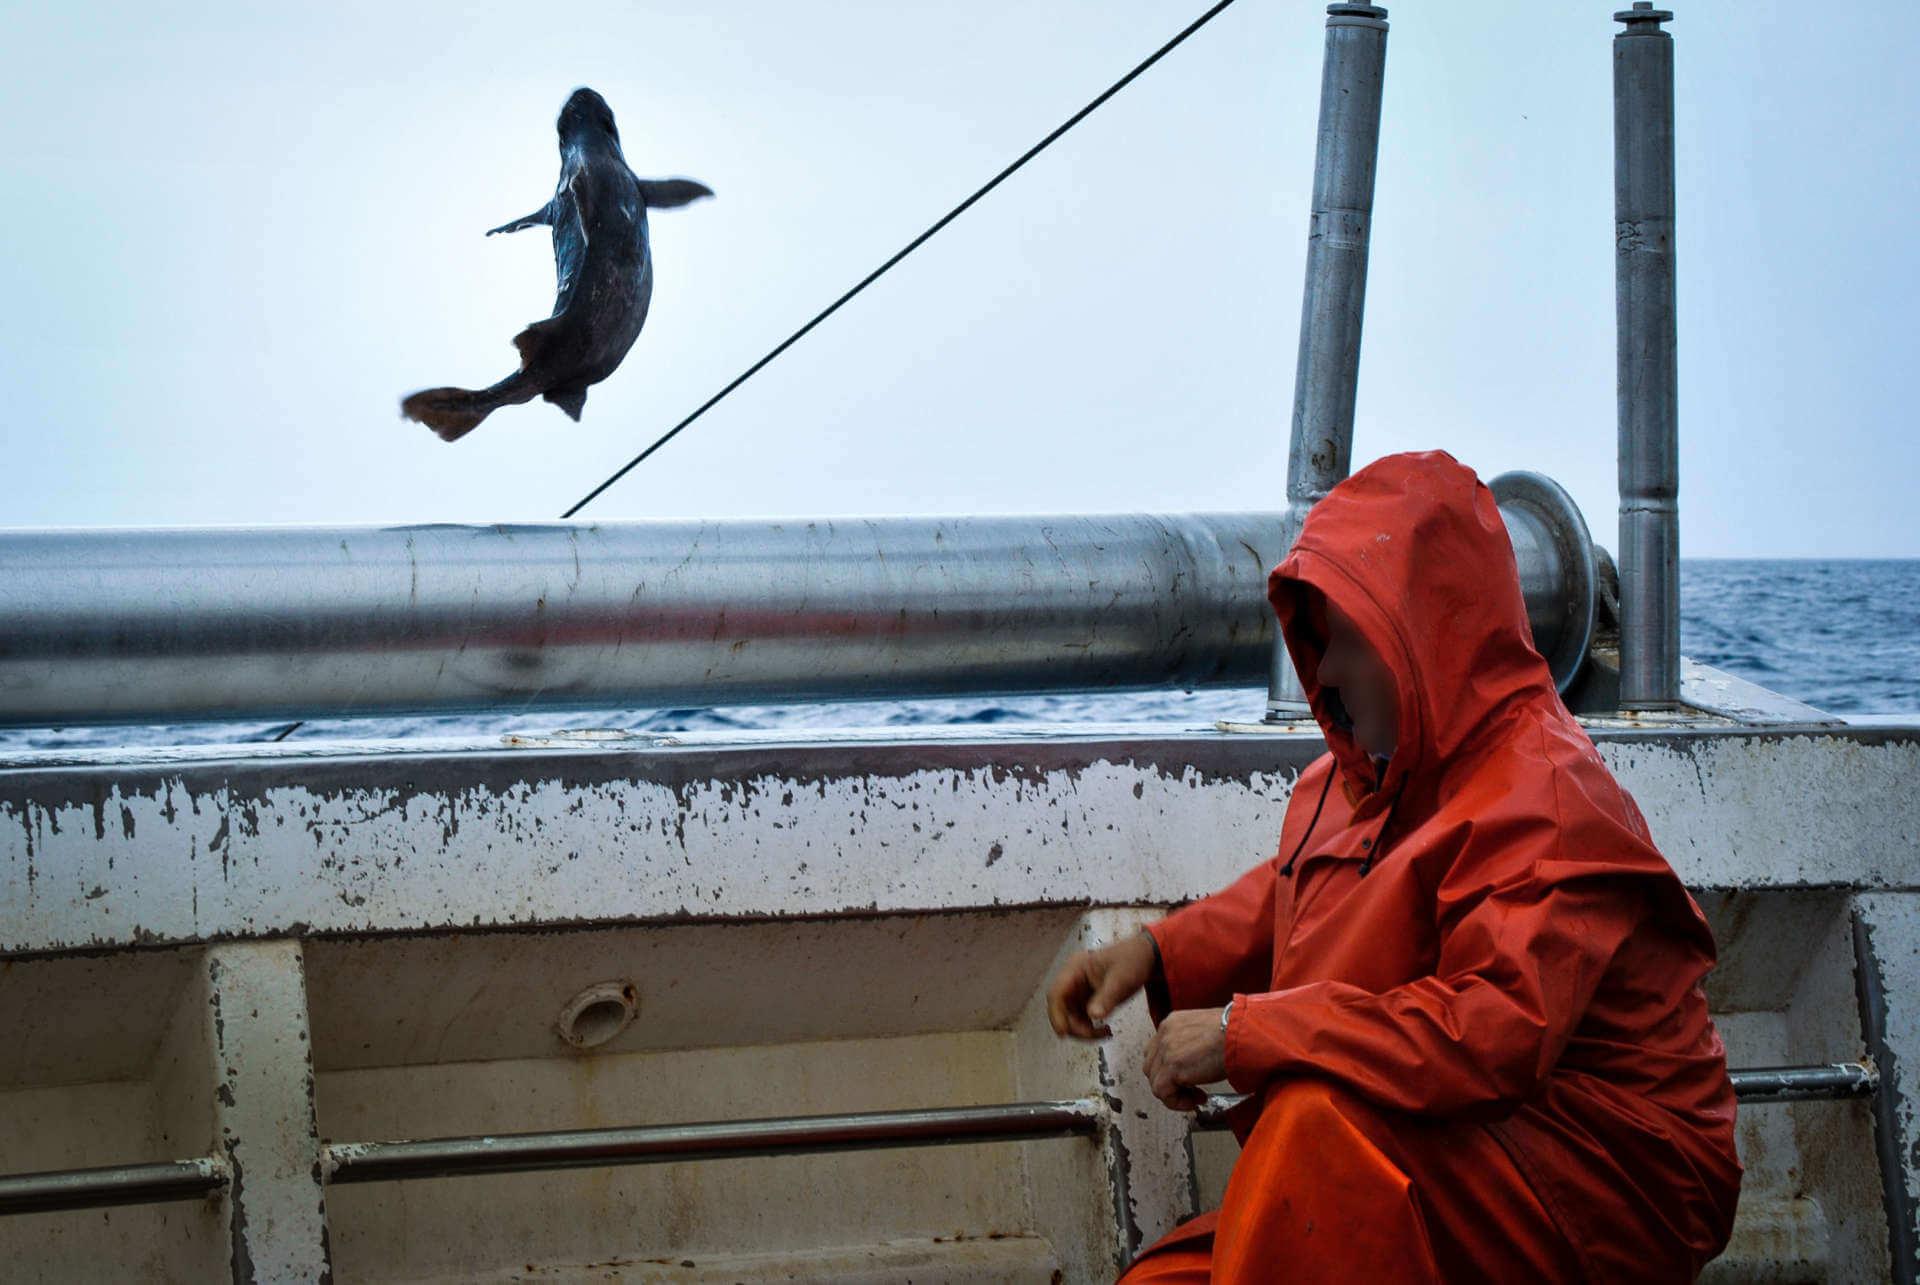 pescatore lancia pesce in mare